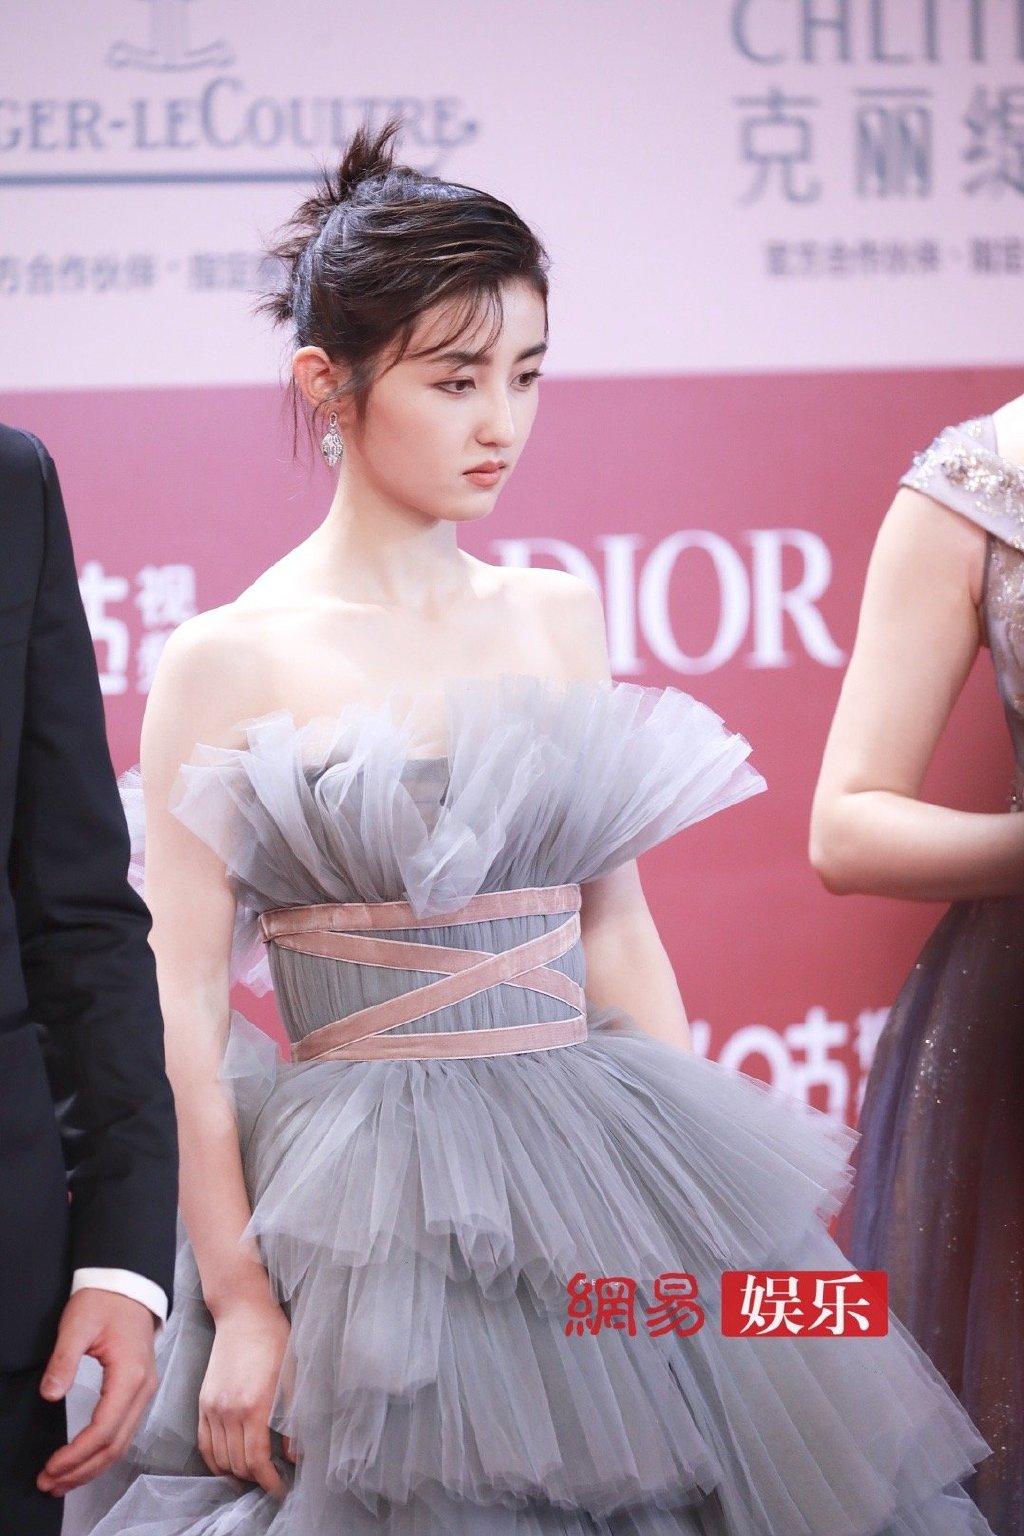 Em gái quốc dân Trương Tử Phong được gán ghép với Ngô Lỗi sau khi cả hai hợp tác trong bộ phim điện ảnh.